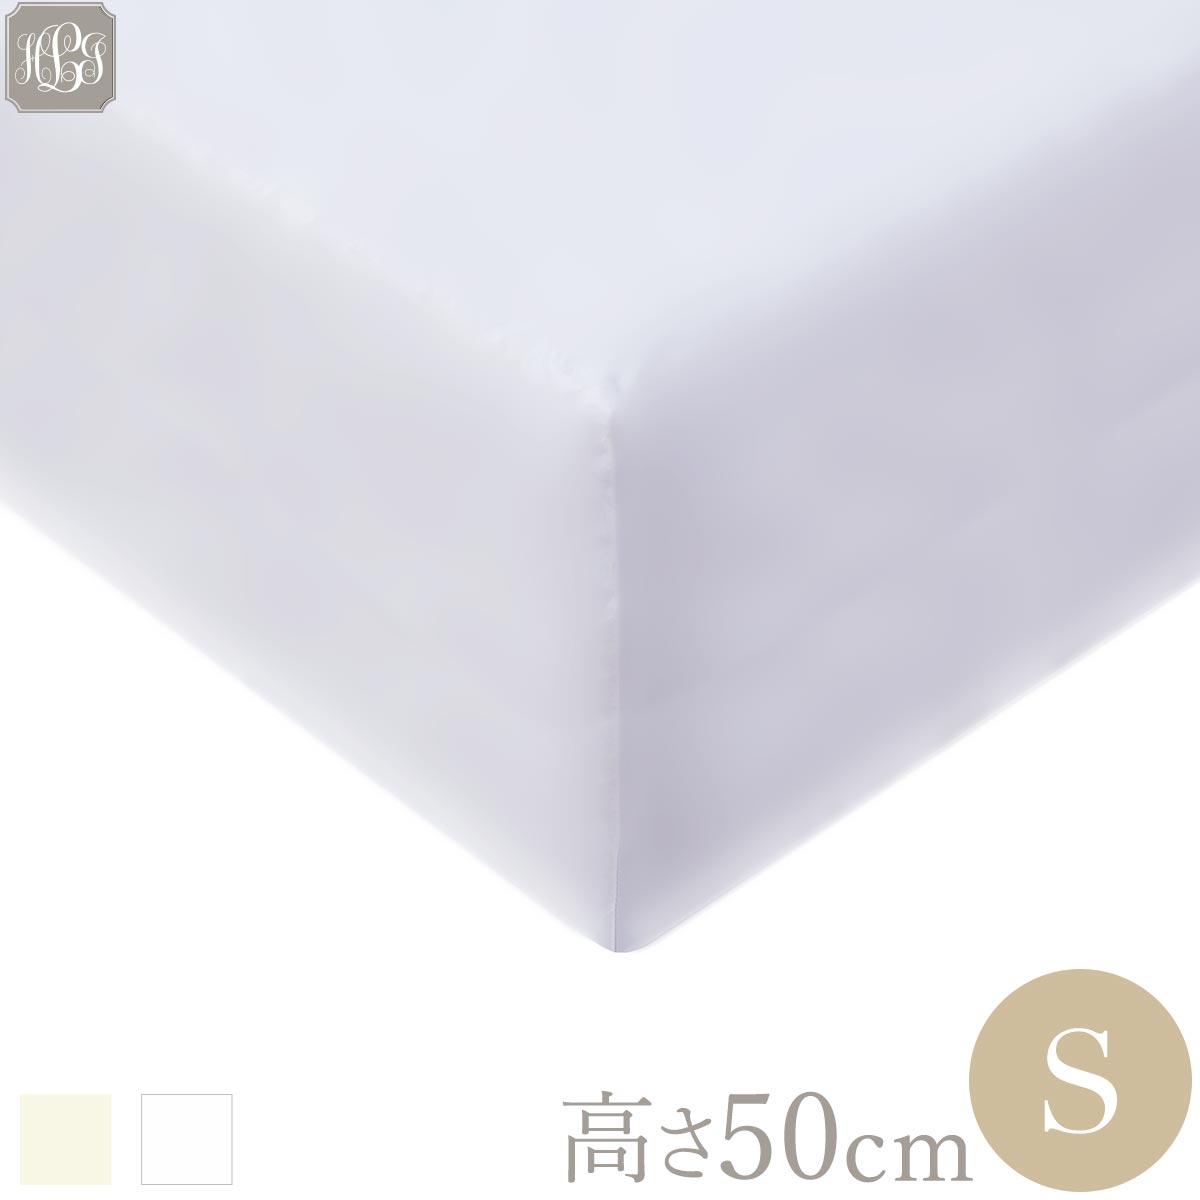 ボックスシーツ シングル 100×200cm 高さ50cm 400TCコットンサテン 綿100%